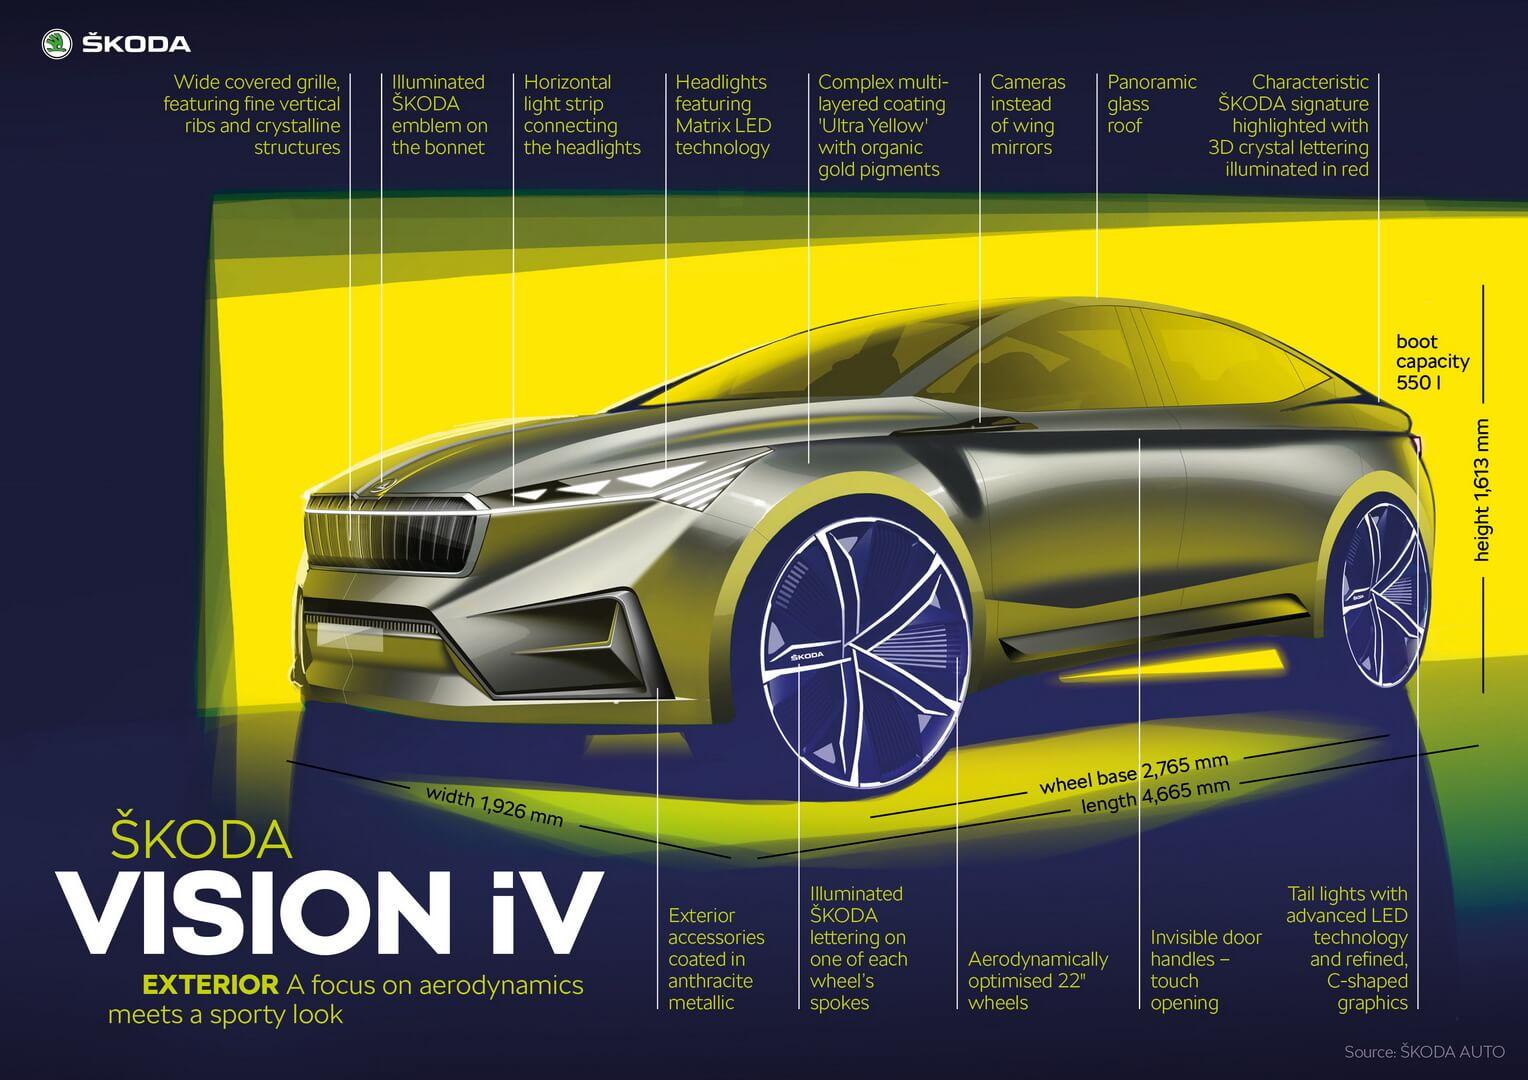 Описание элементов Skoda VISIONiV